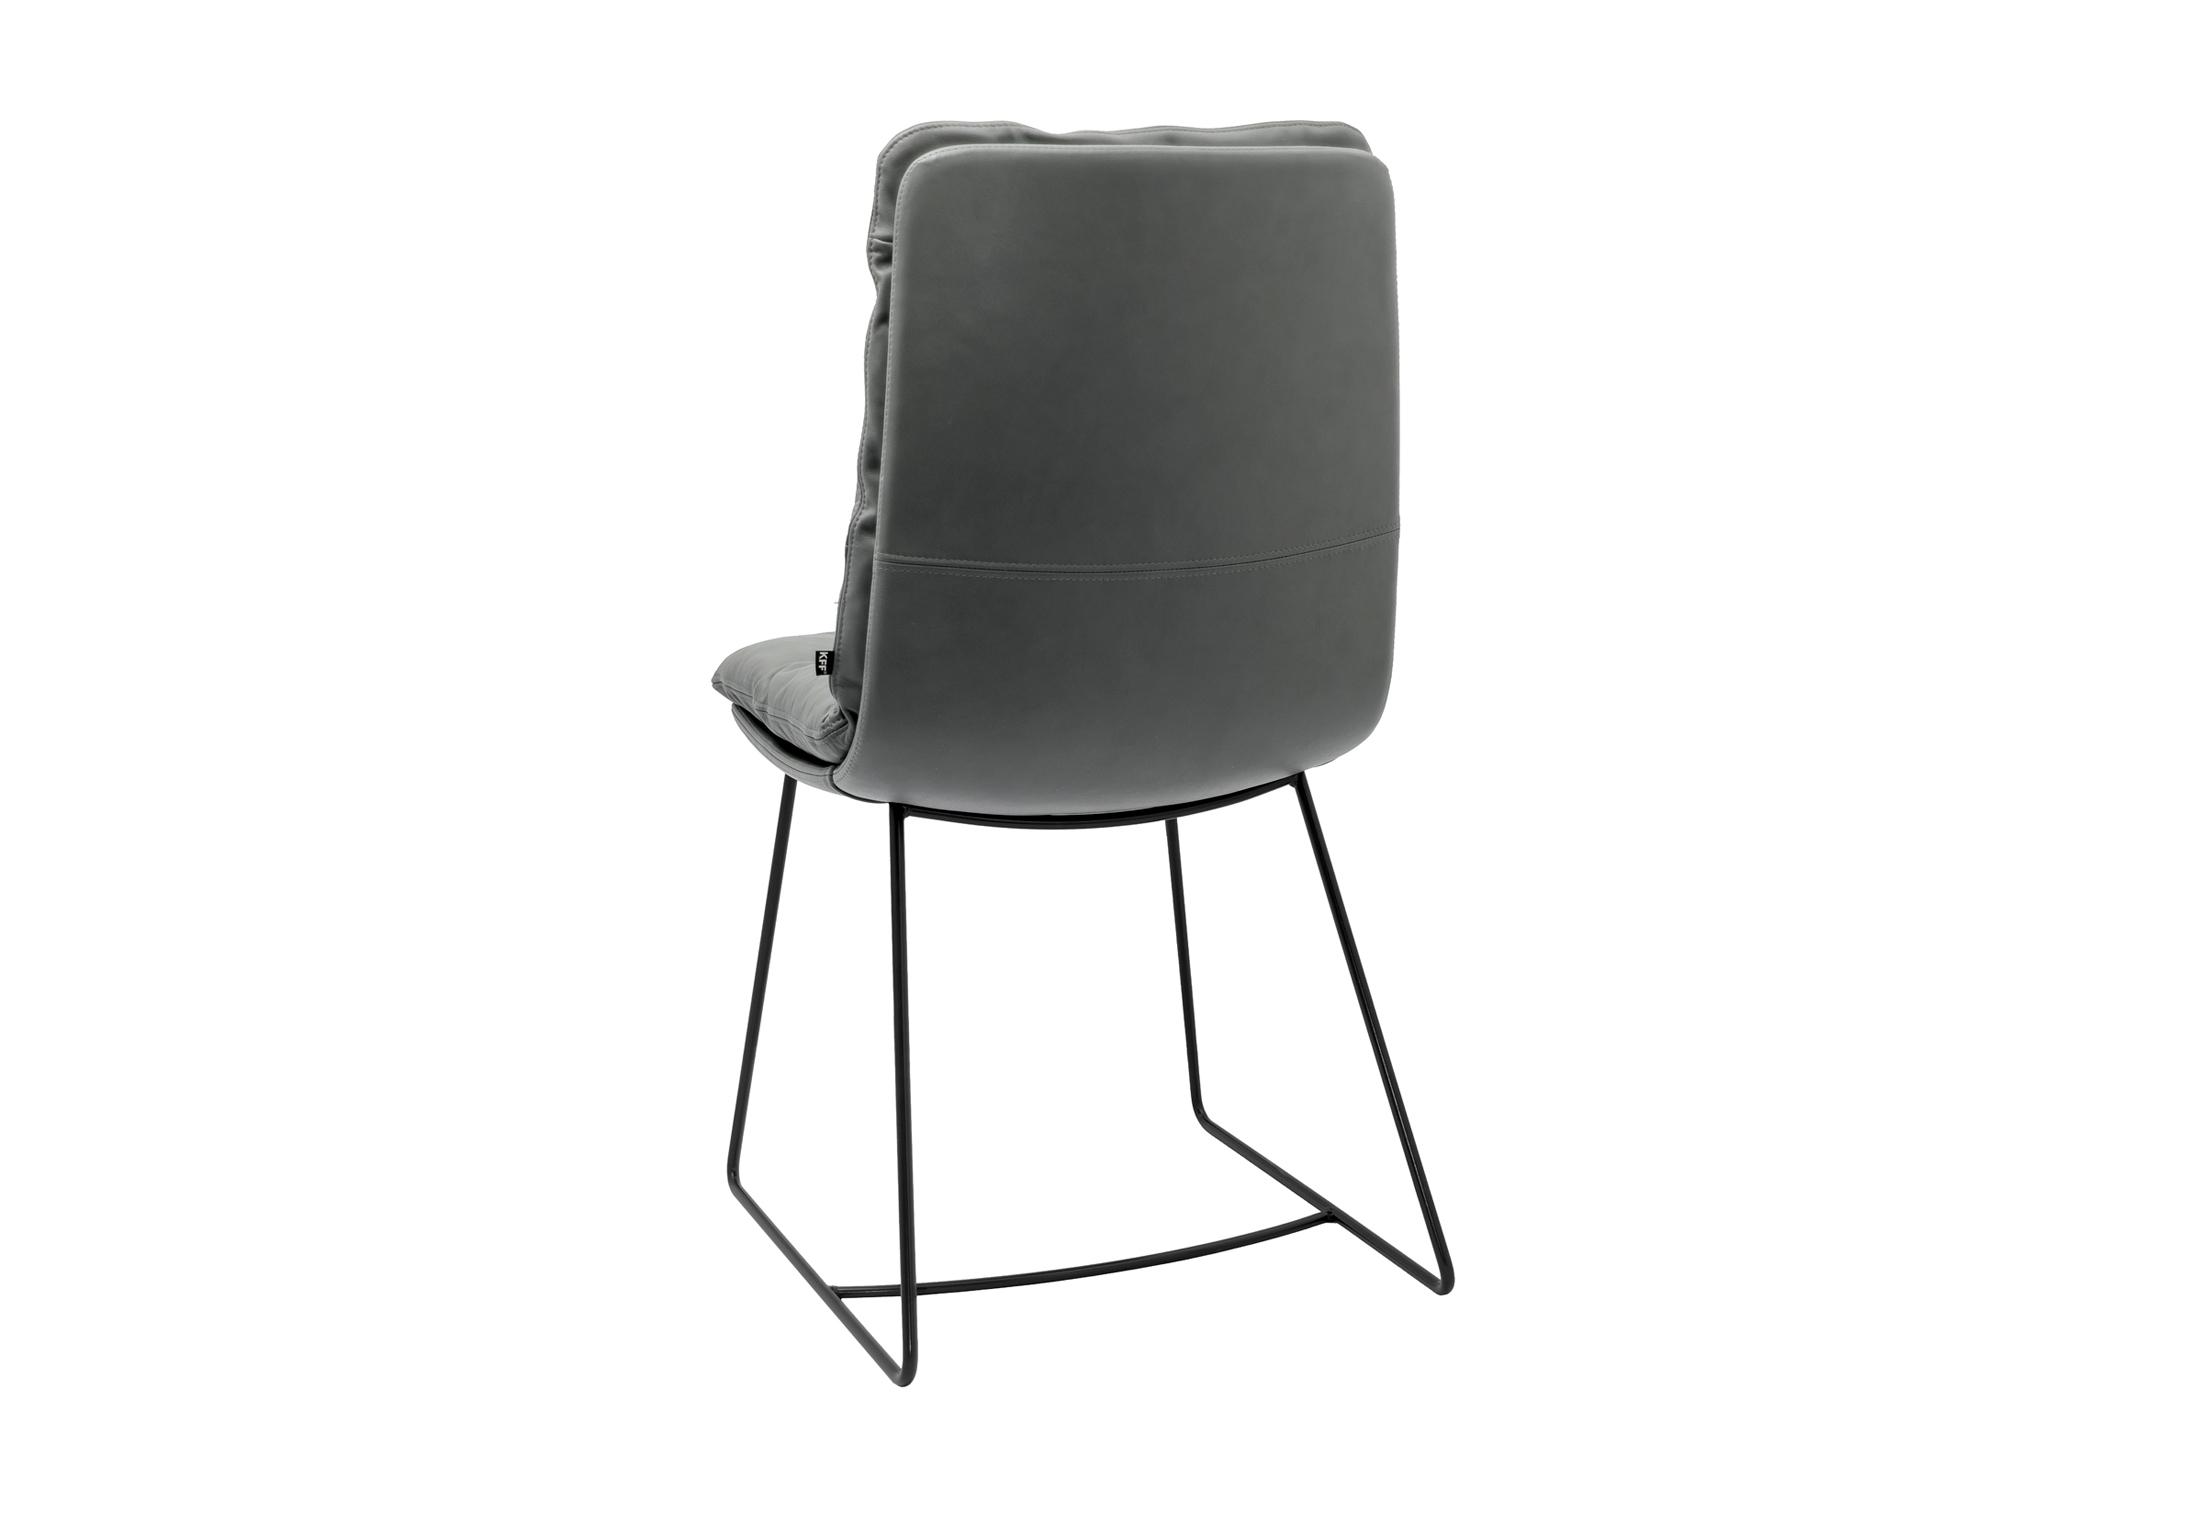 Arva stuhl mit kufen von kff stylepark for Design stuhl mit kufen